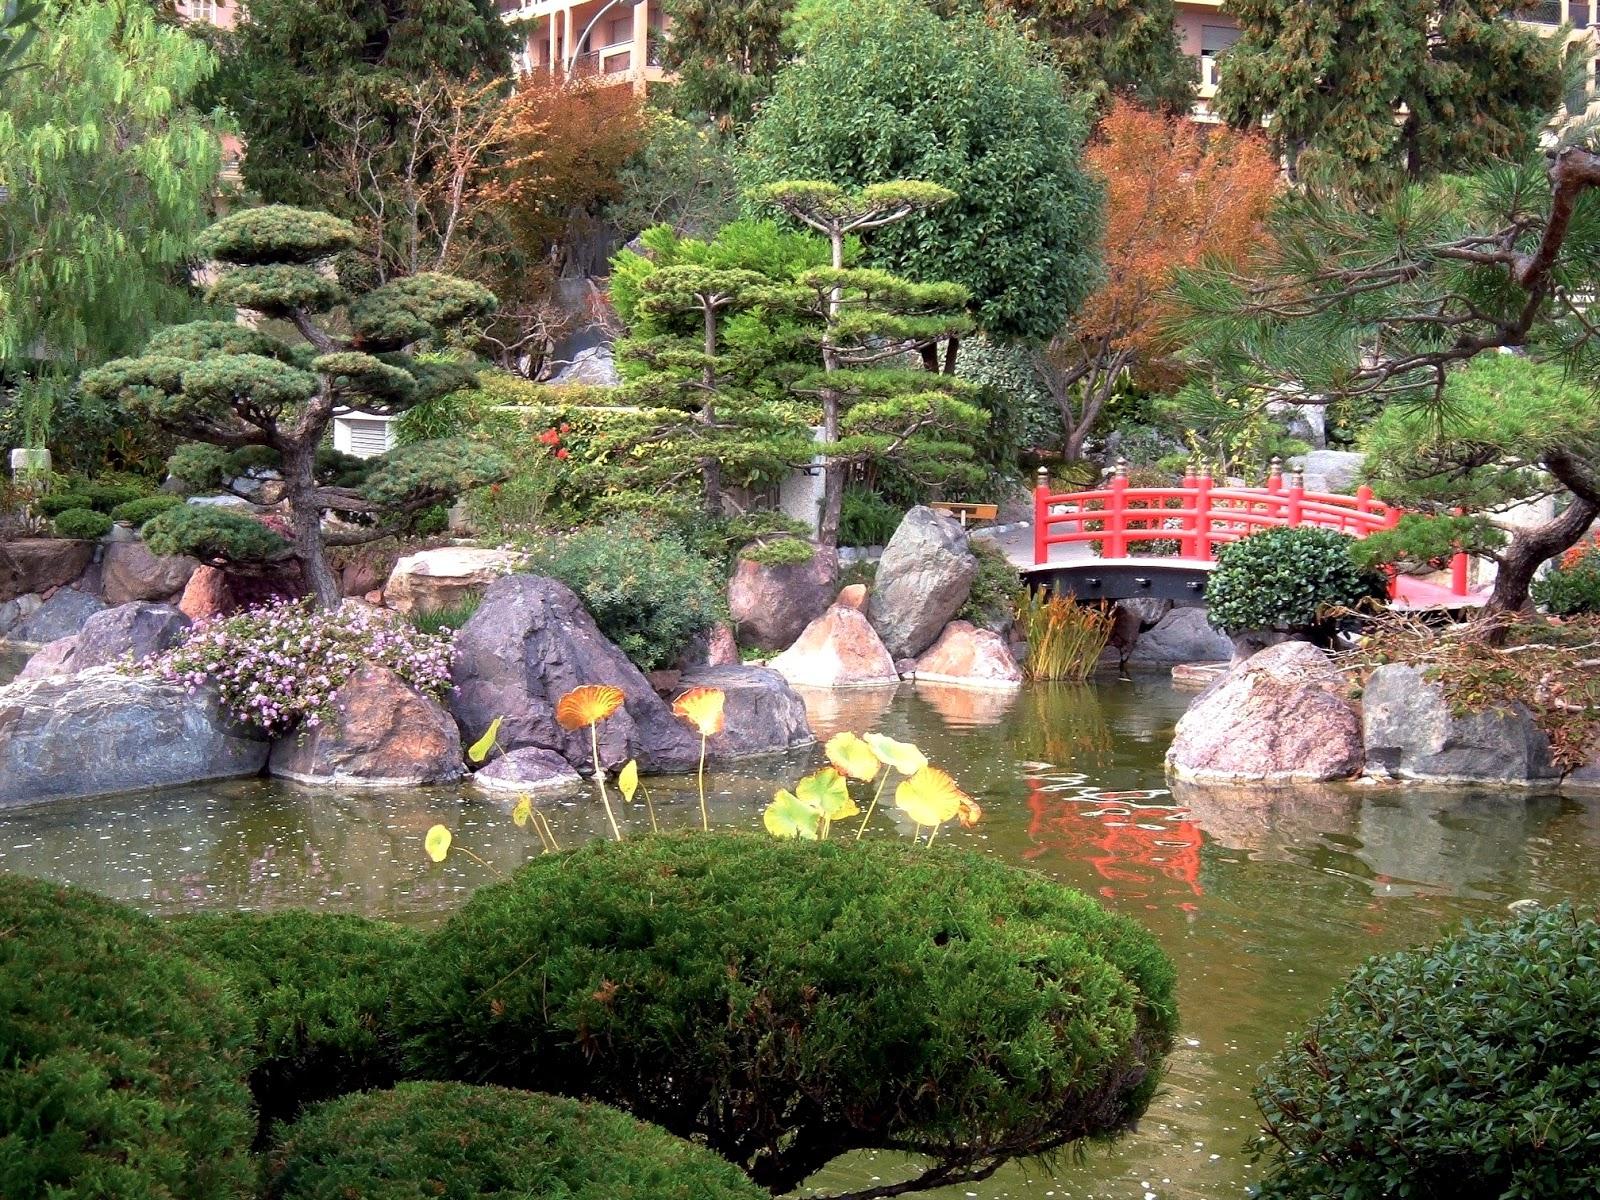 Modele De Jardin Japonais Concept - Idees Conception Jardin pour Modele De Jardin Japonais